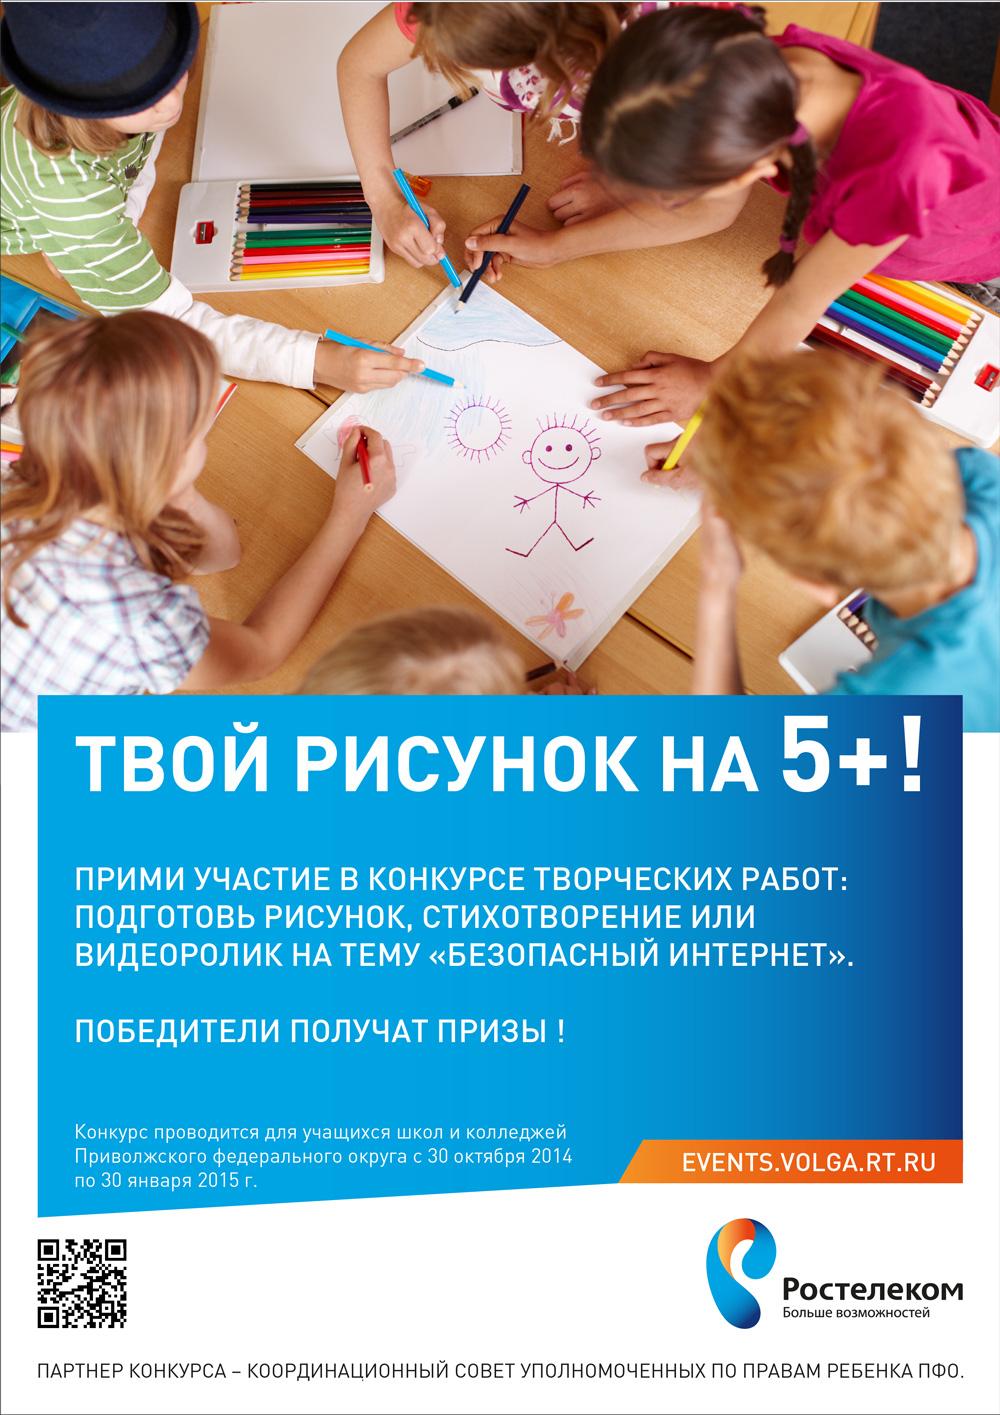 Проводится конкурс для детей